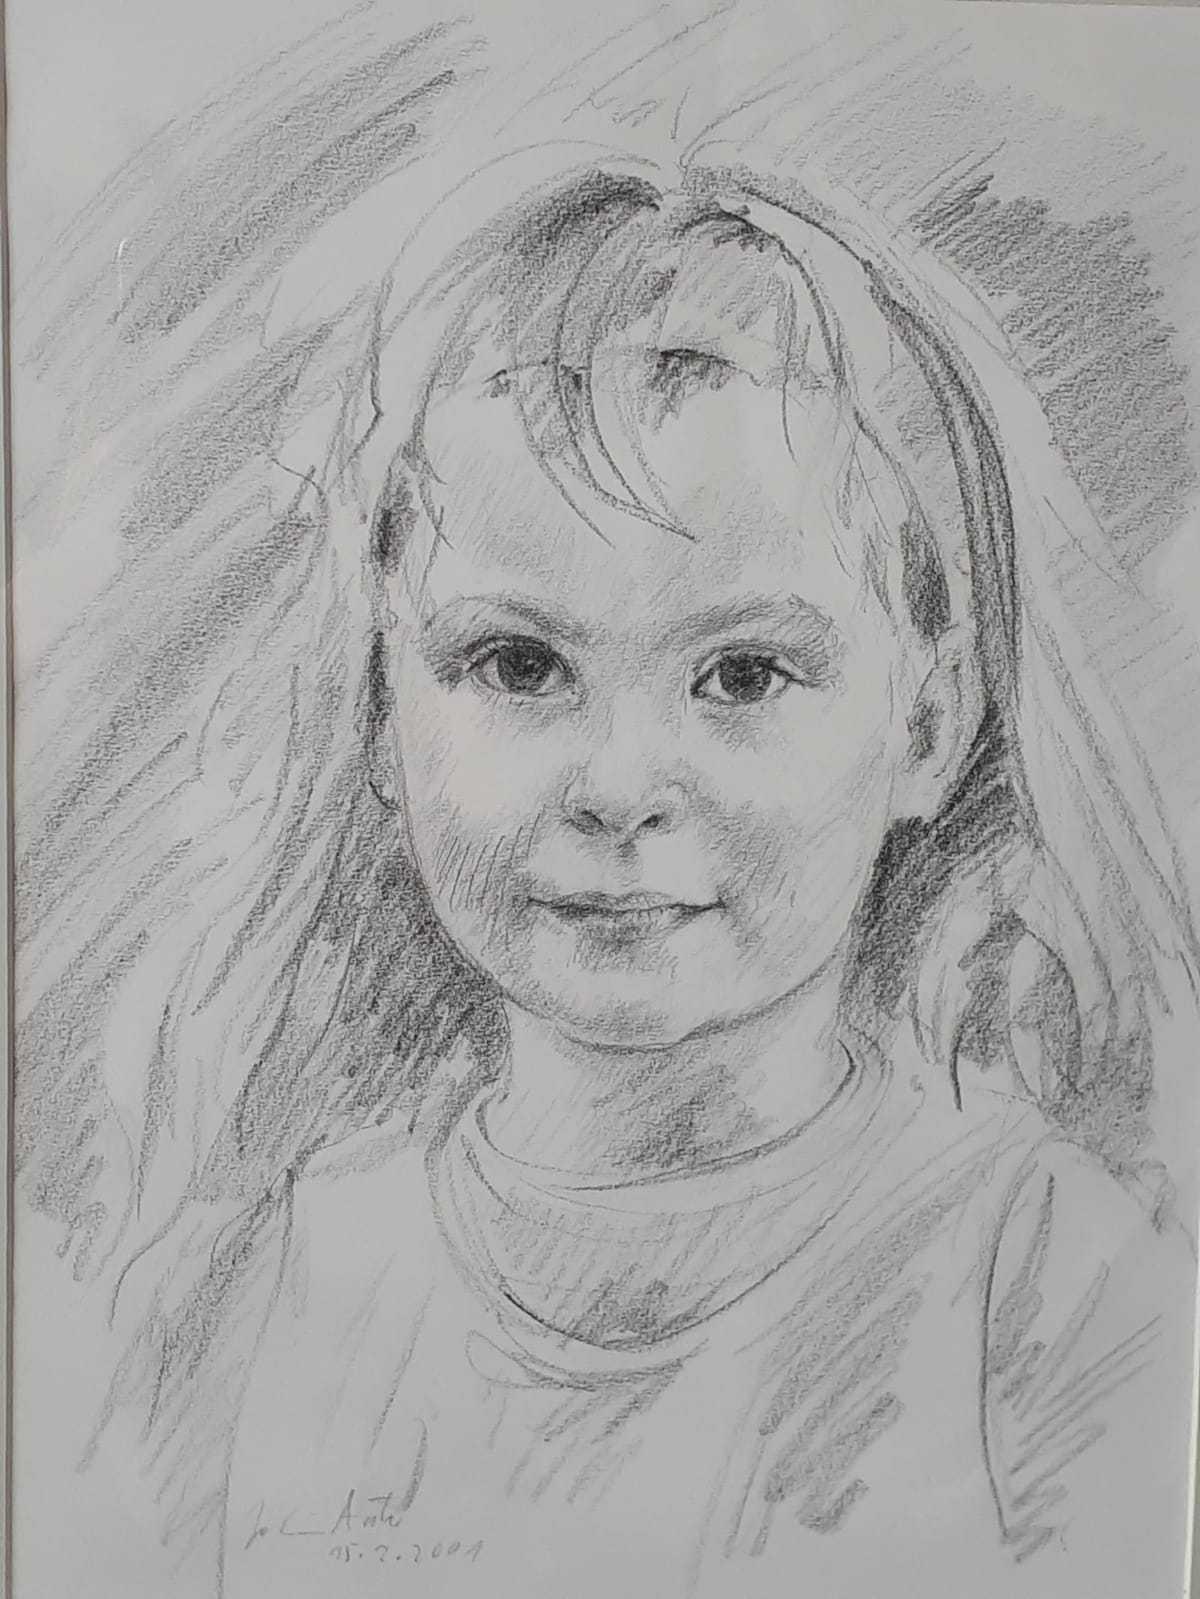 Enkelin, Bleistiftzeichnung, 15.02.2001